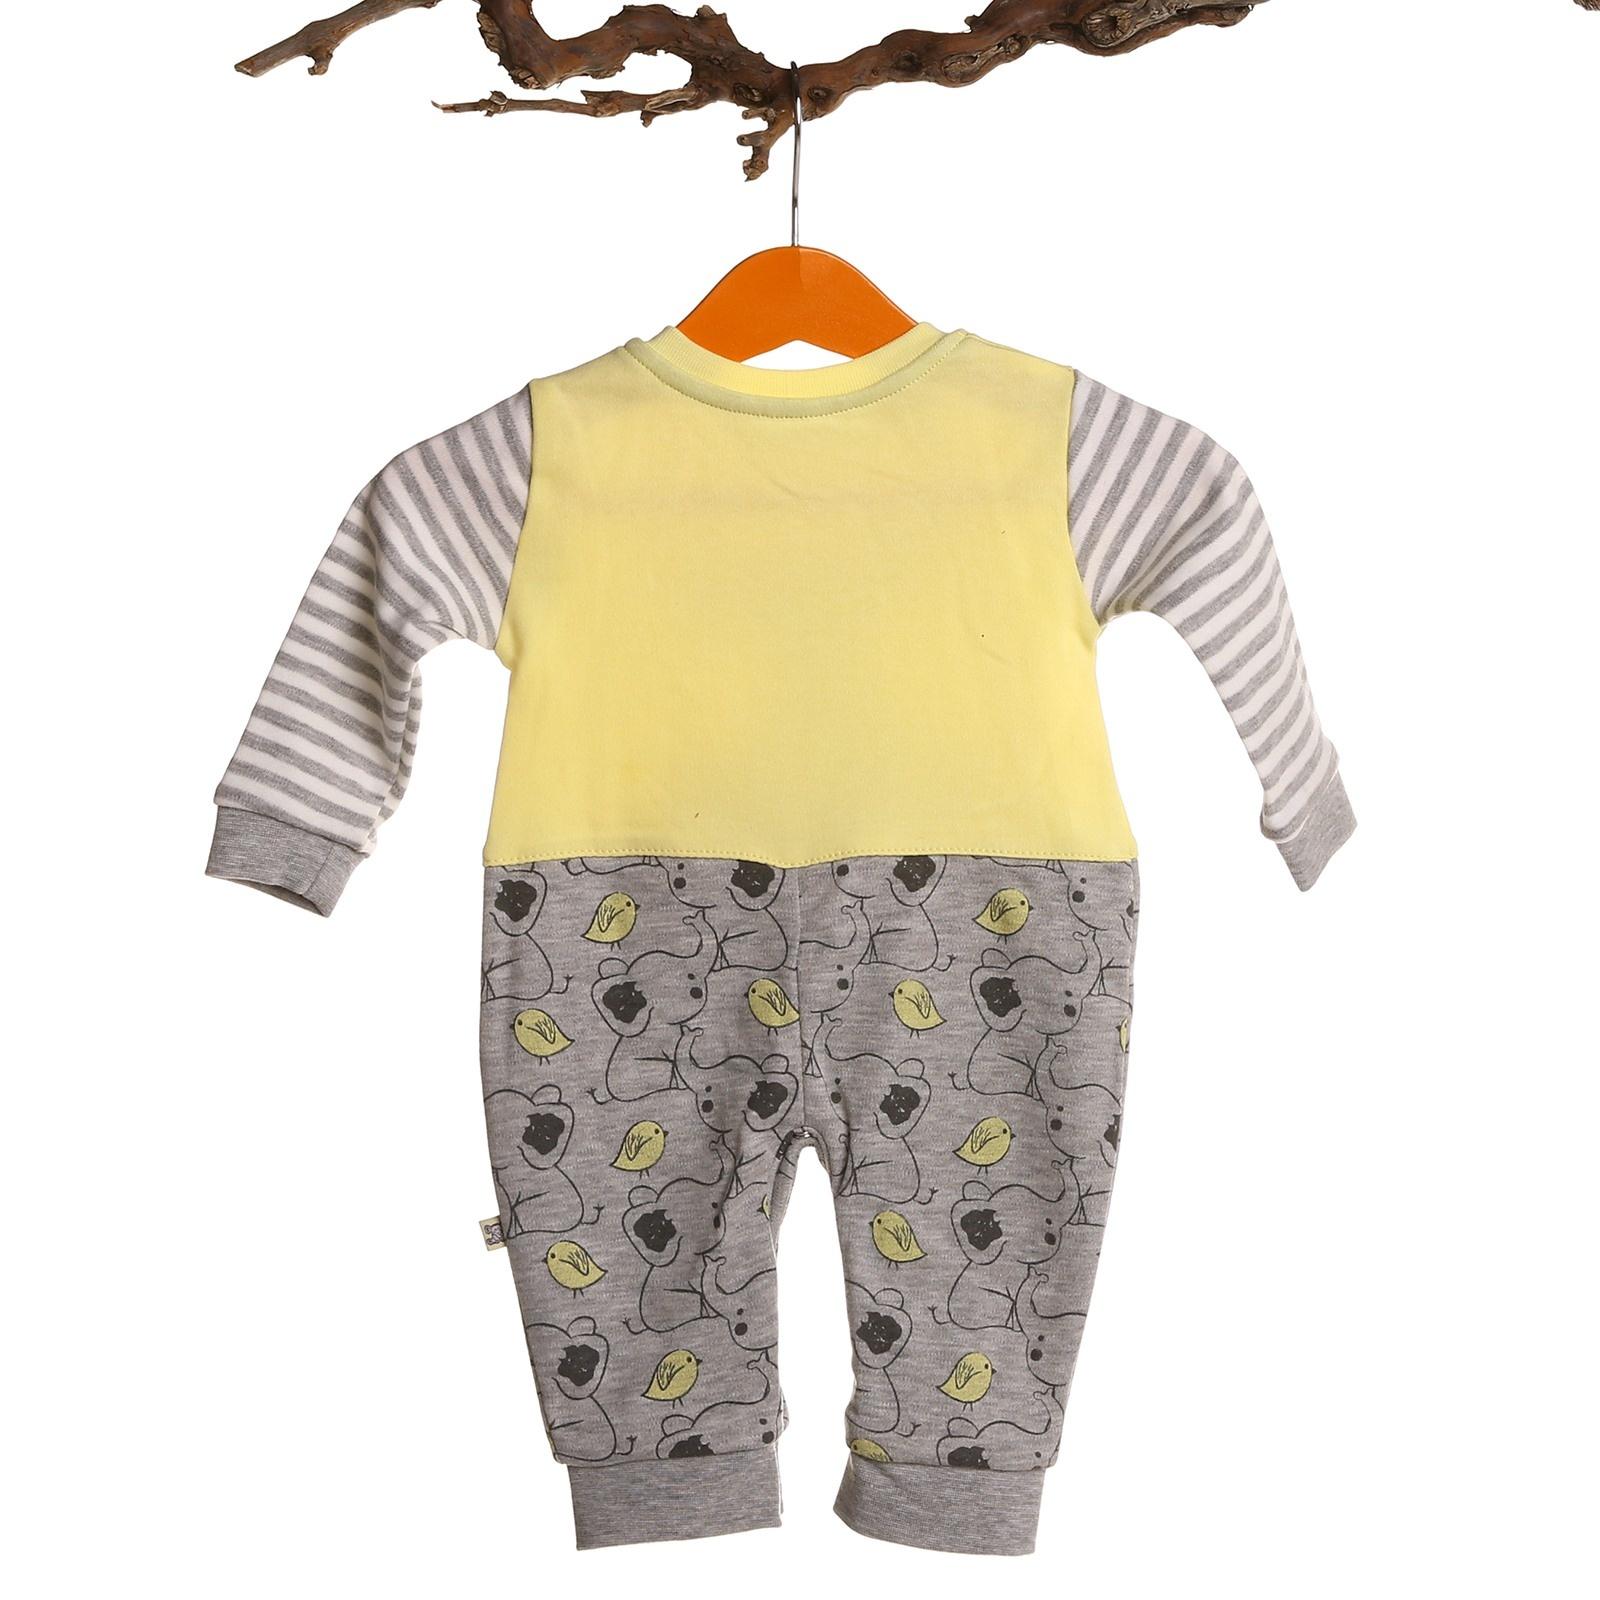 db2a4de550a Mymio Elephant Printed Baby Boy Footless Romper